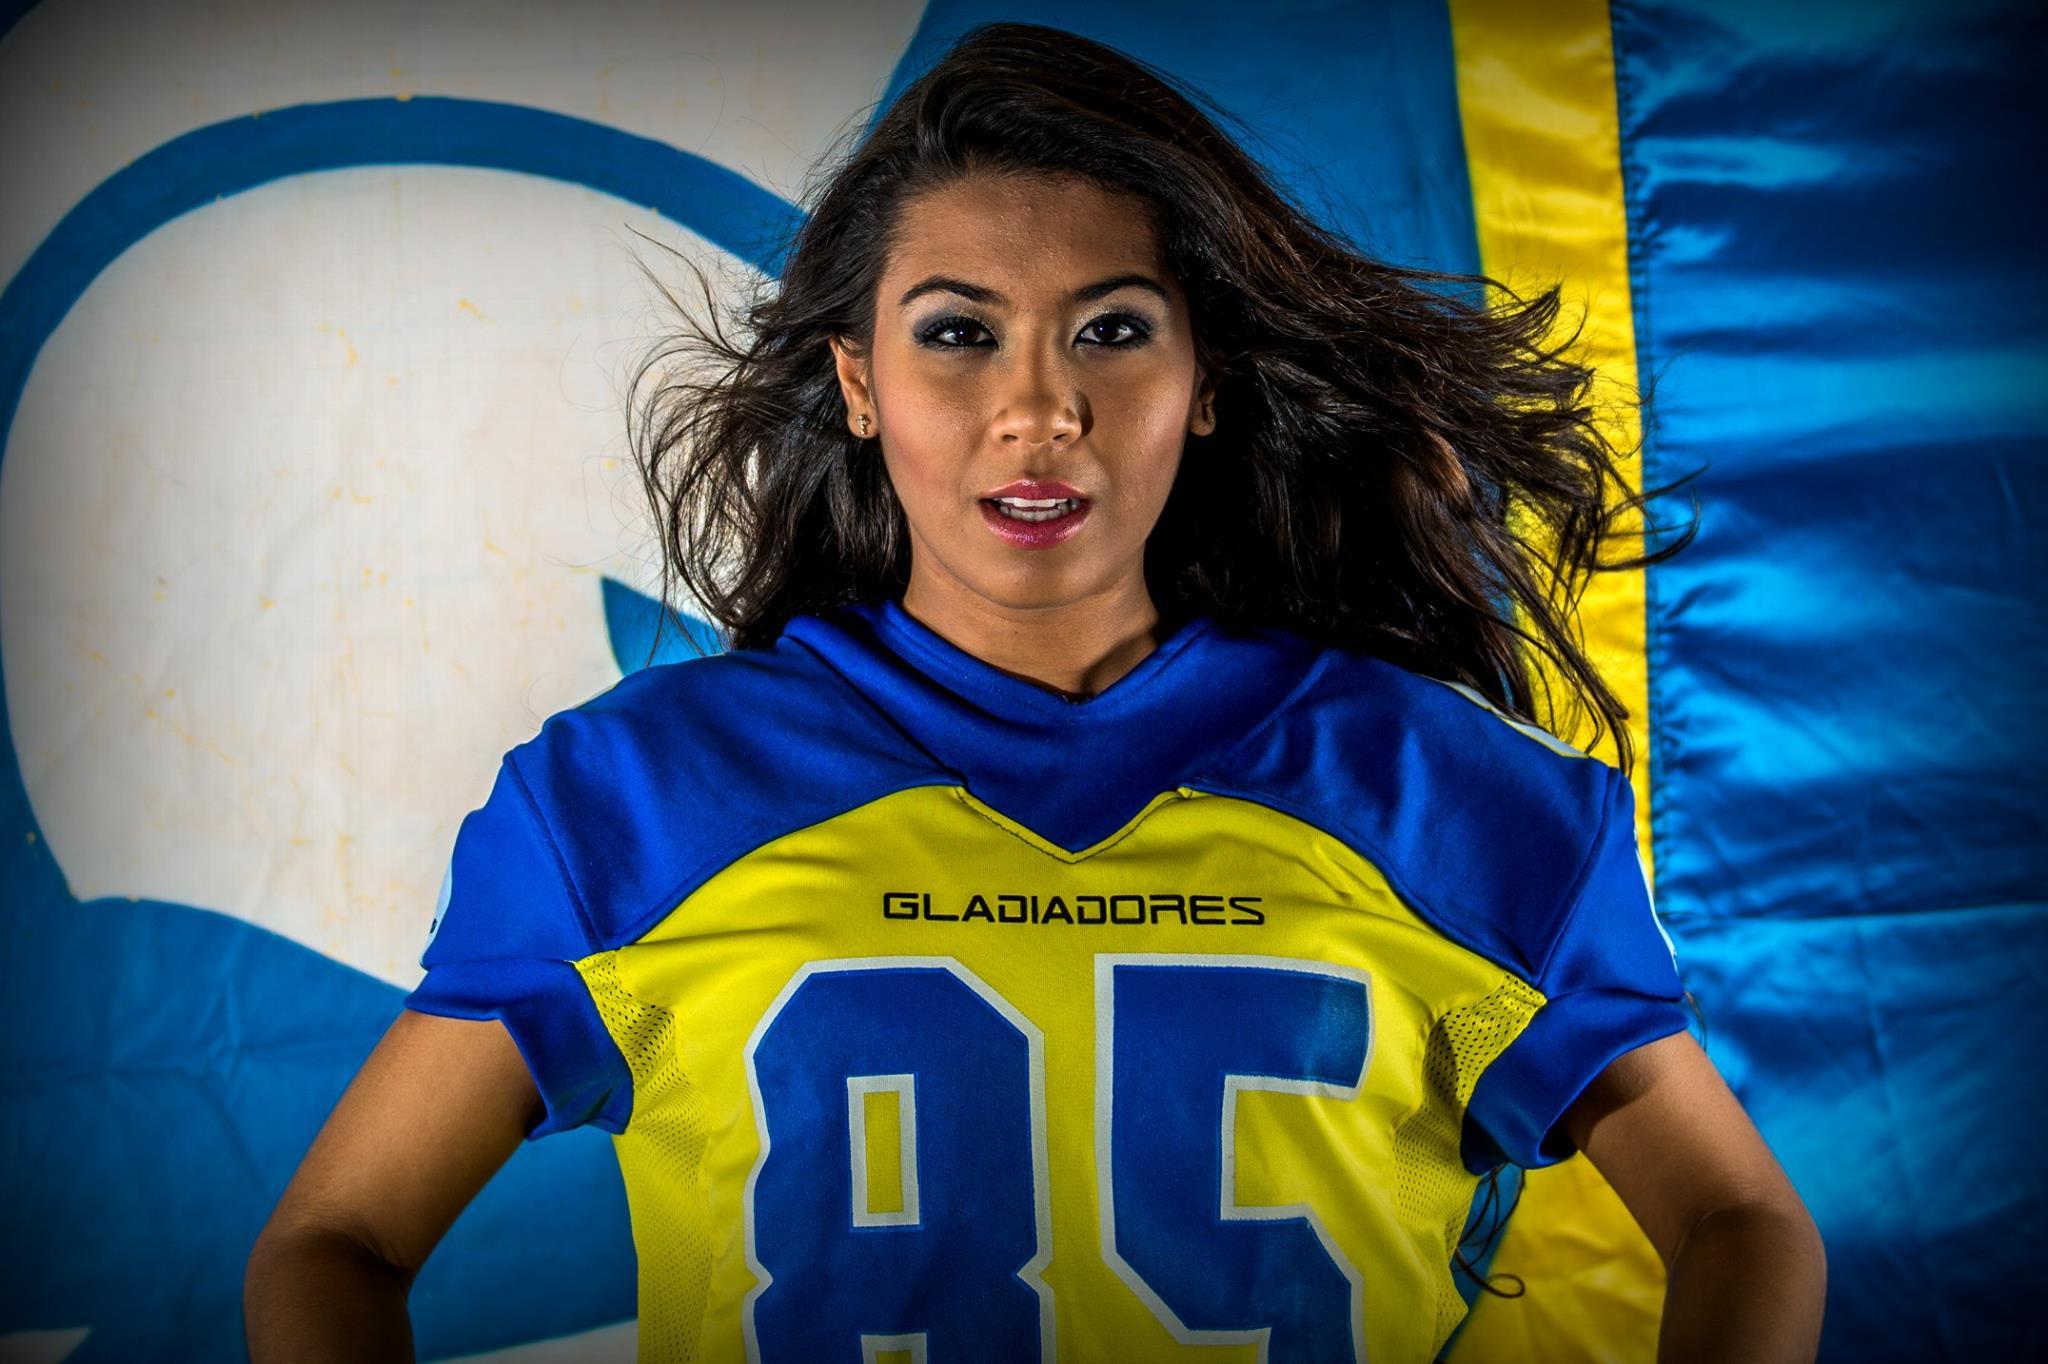 Angel Lakismy irá representar os Gladiadores em concurso. Fotos de Chiarini Junior / Divulgação Pouso Alegre Gladiadores